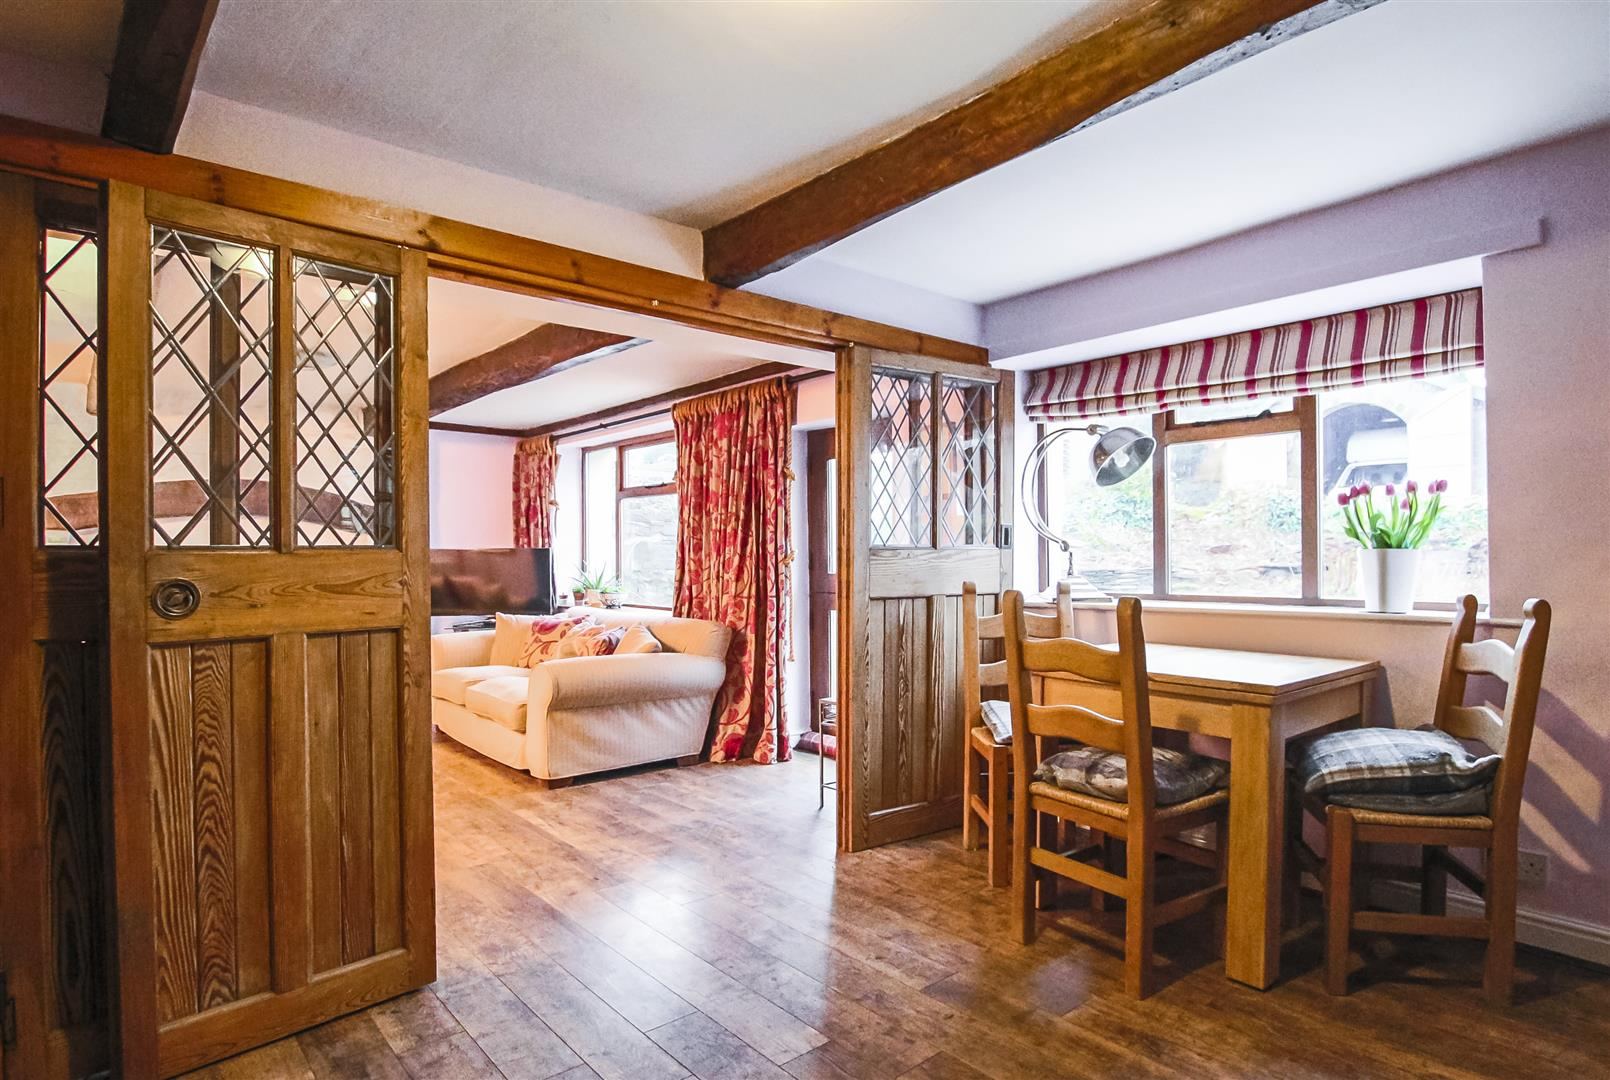 2 Bedroom Cottage For Sale - Second Reception Room